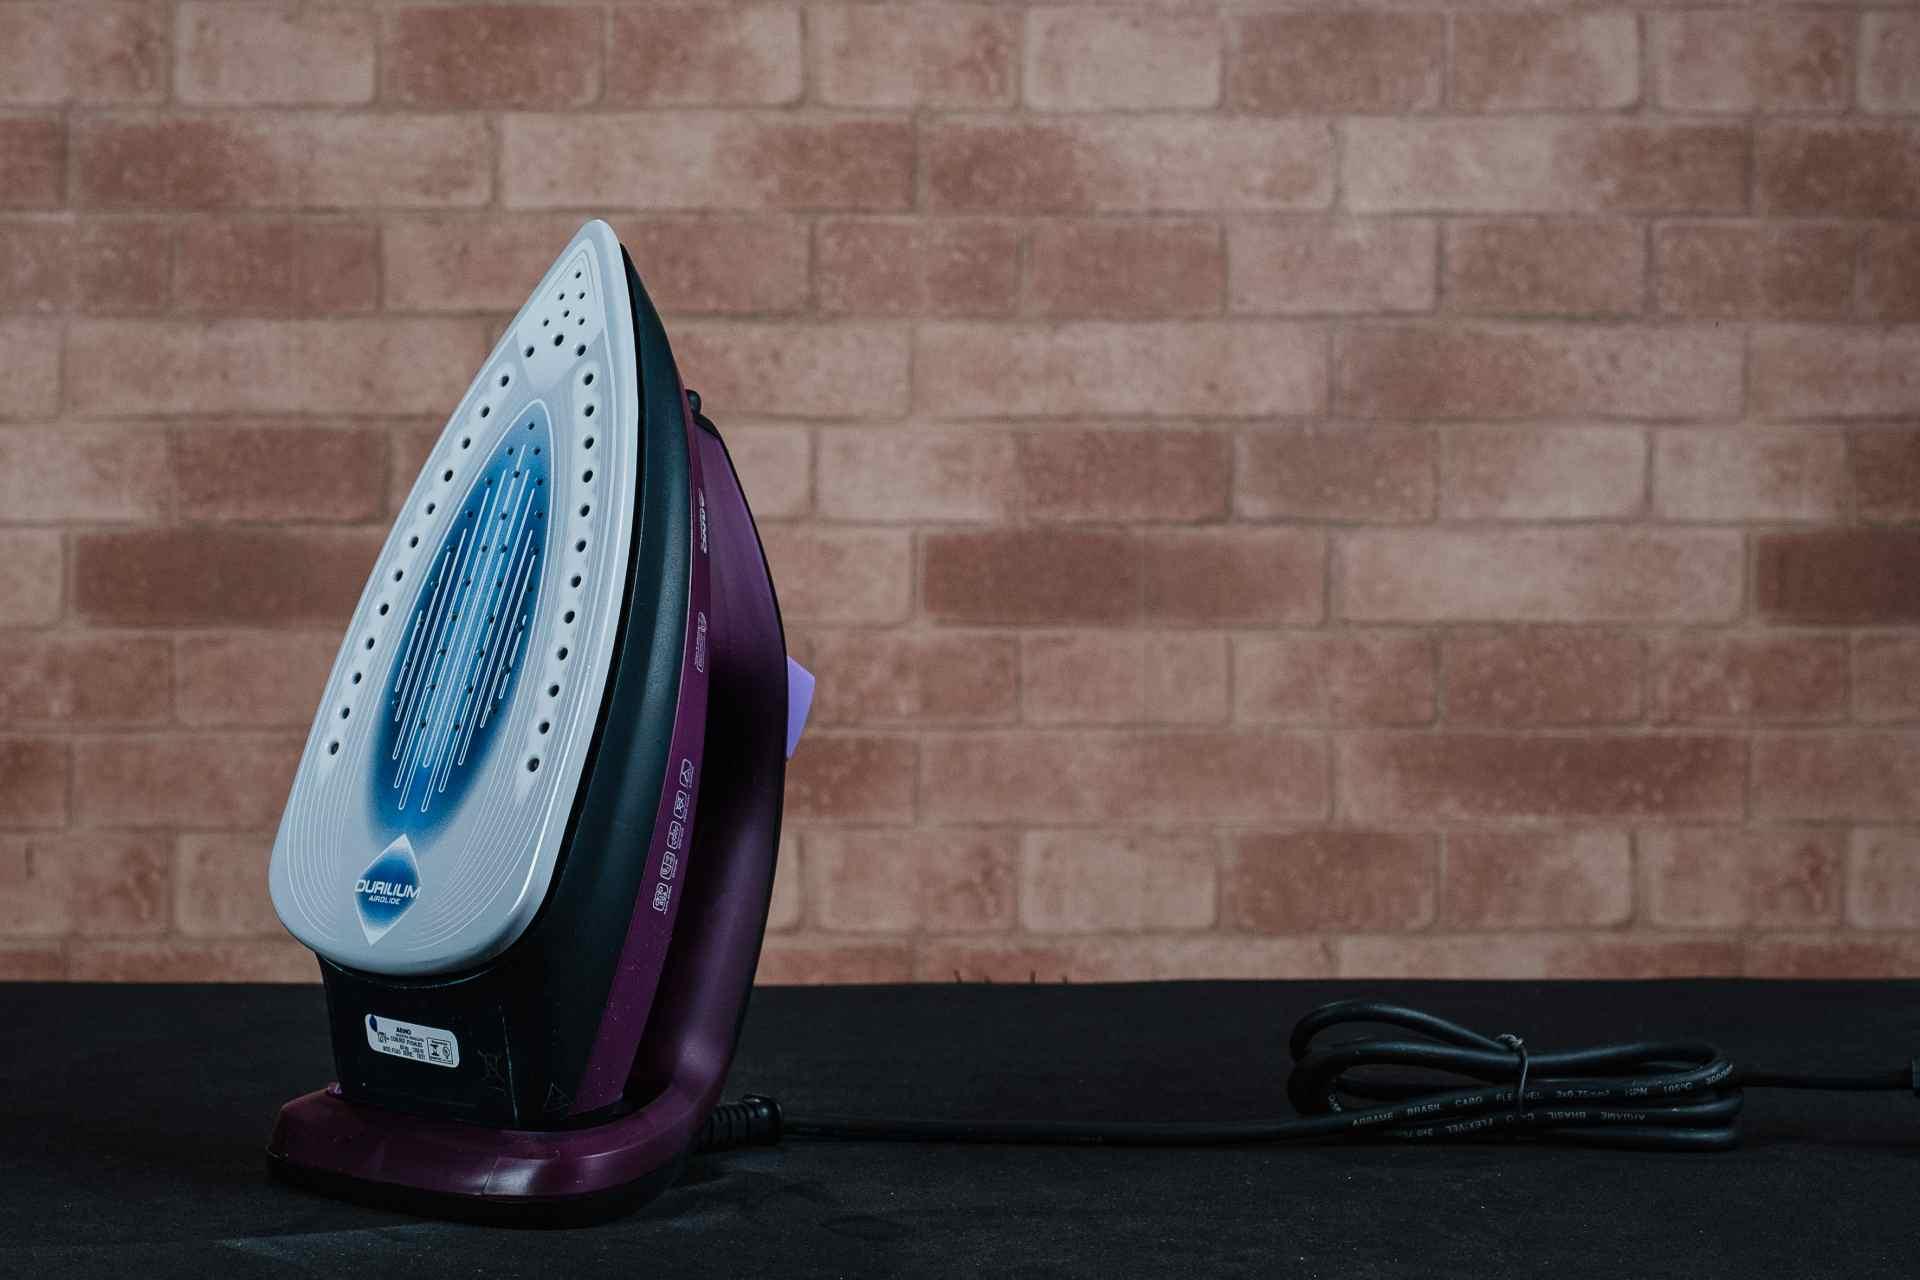 Foto do ferro de passar roupas na em pé com a base prateada com detalhes azuis virada para a frente